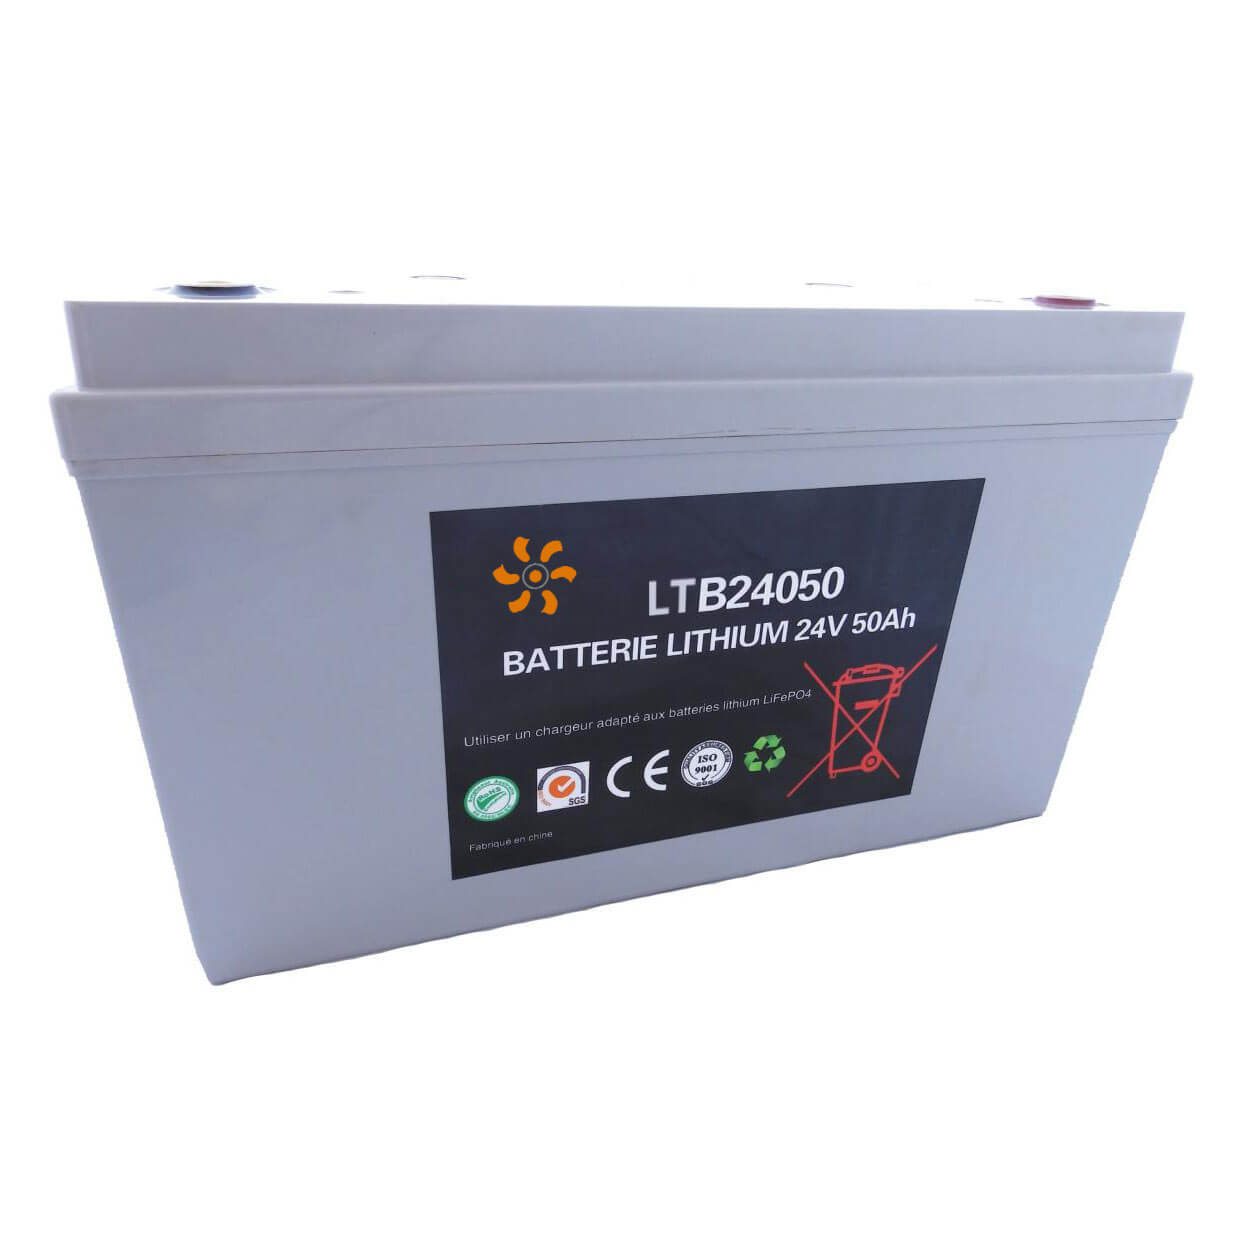 Batterie lithium 24V 50Ah